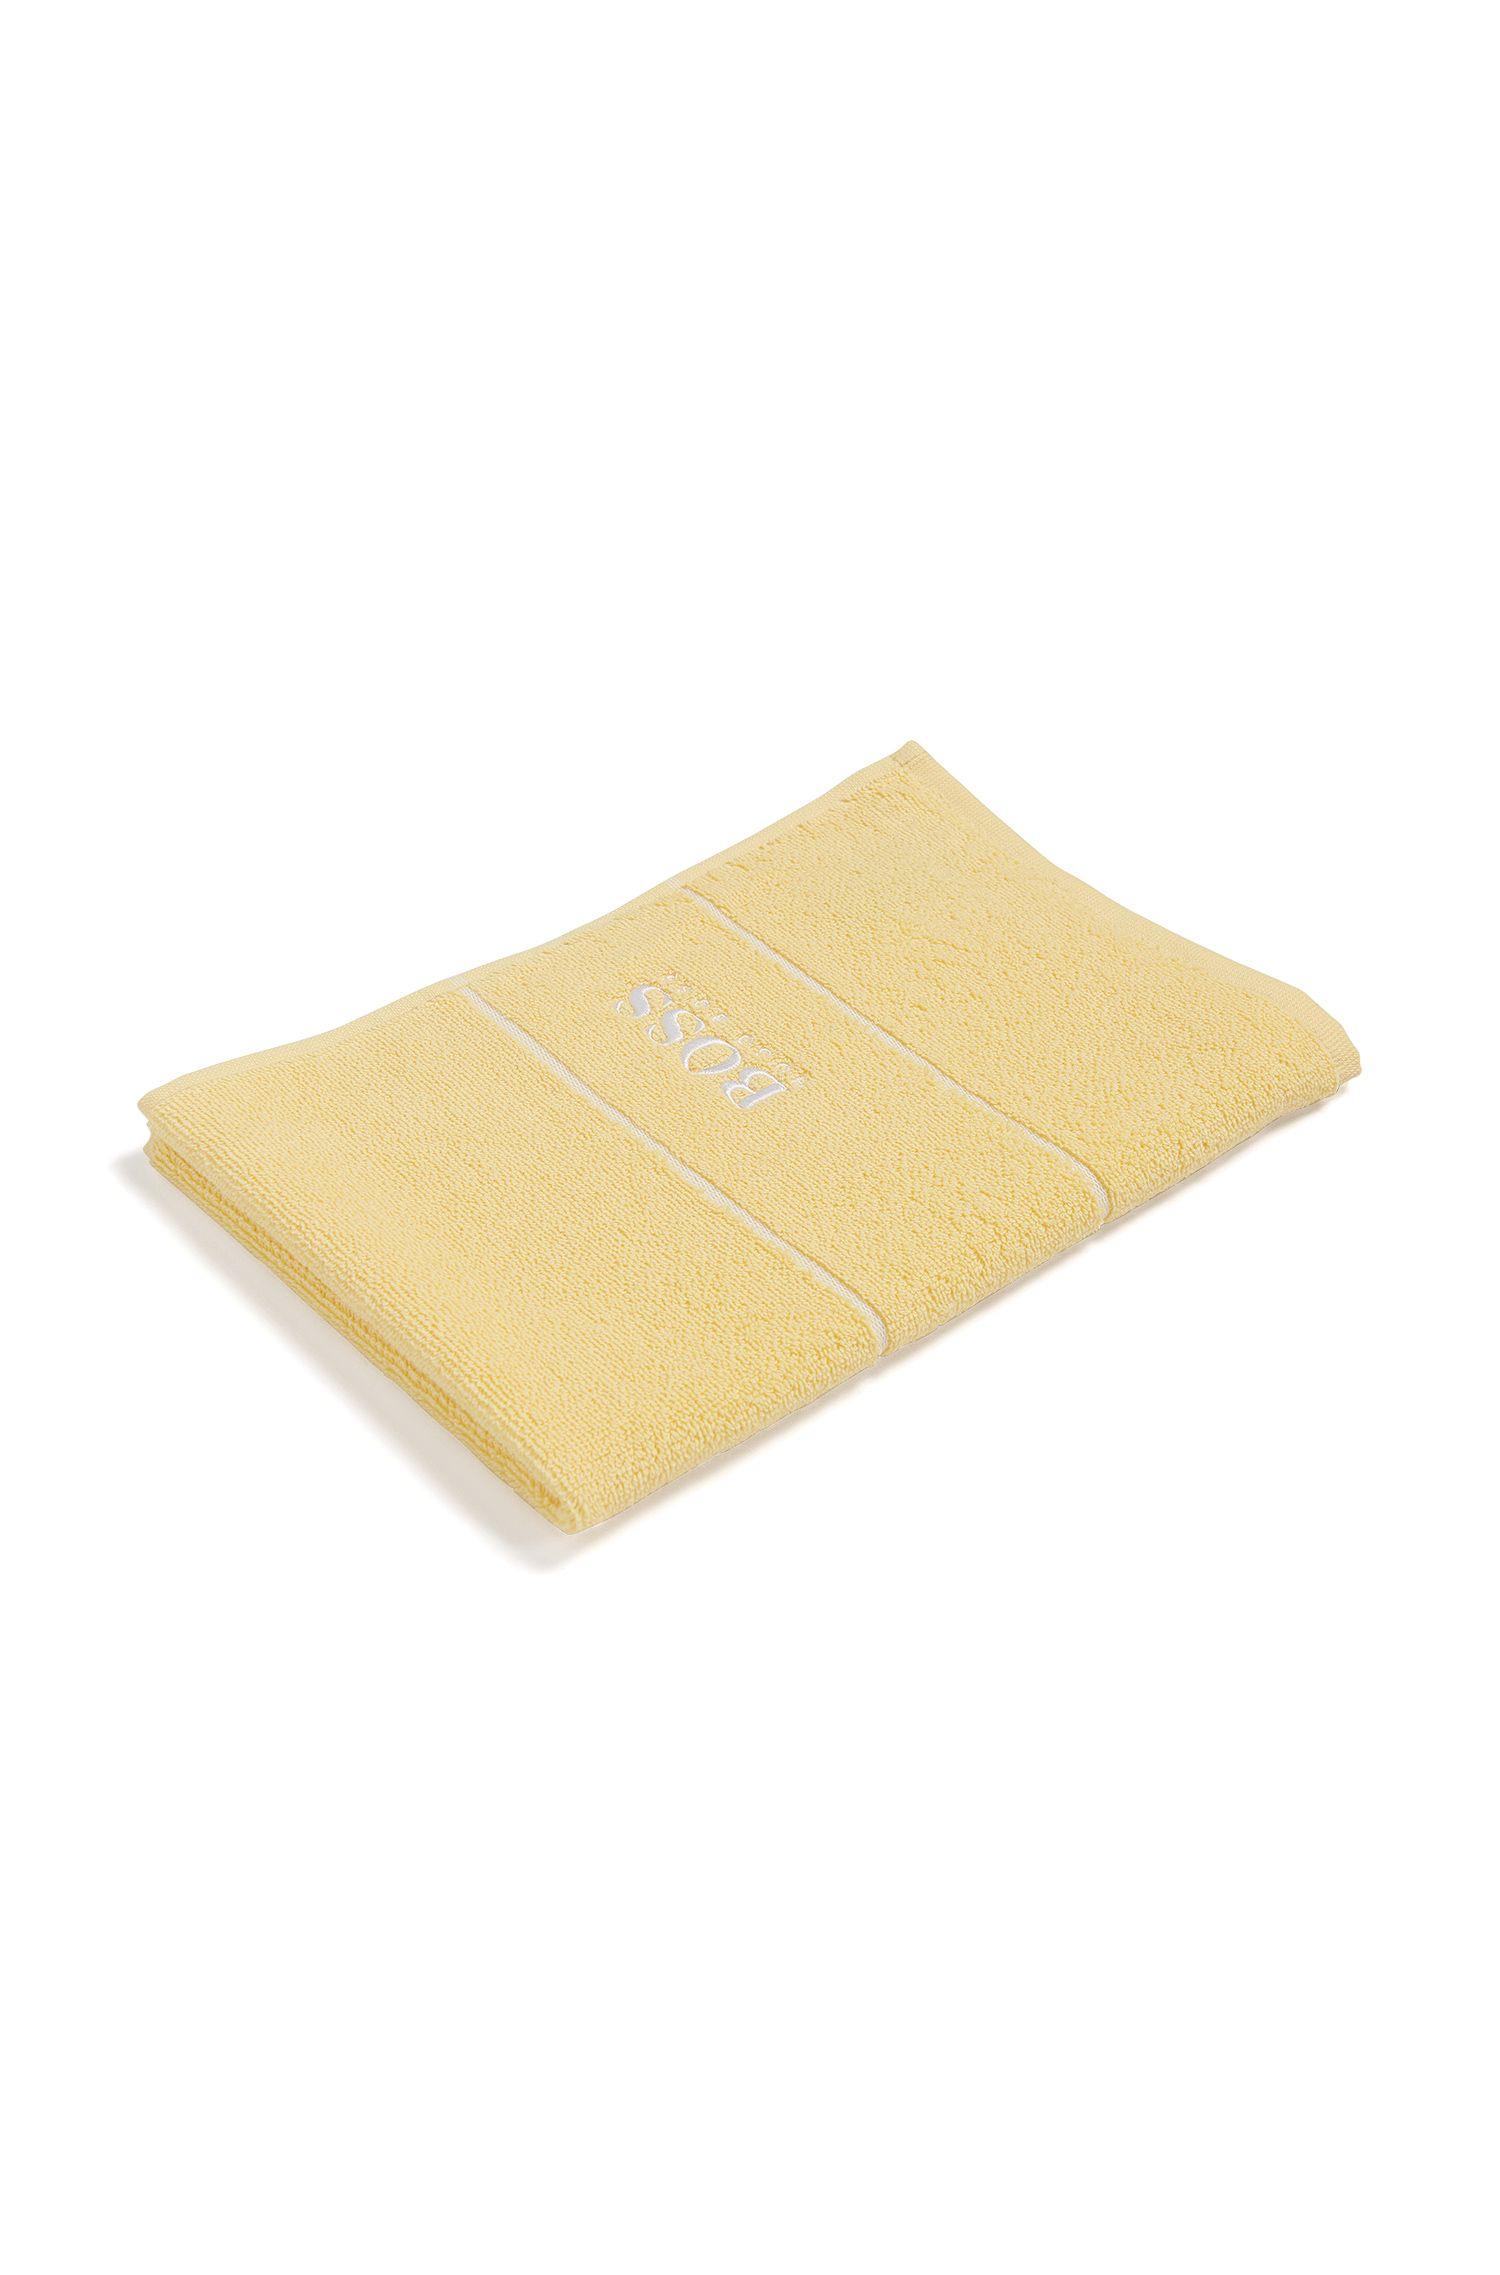 Salvietta per gli ospiti 'PLAIN' con pattine in tessuto